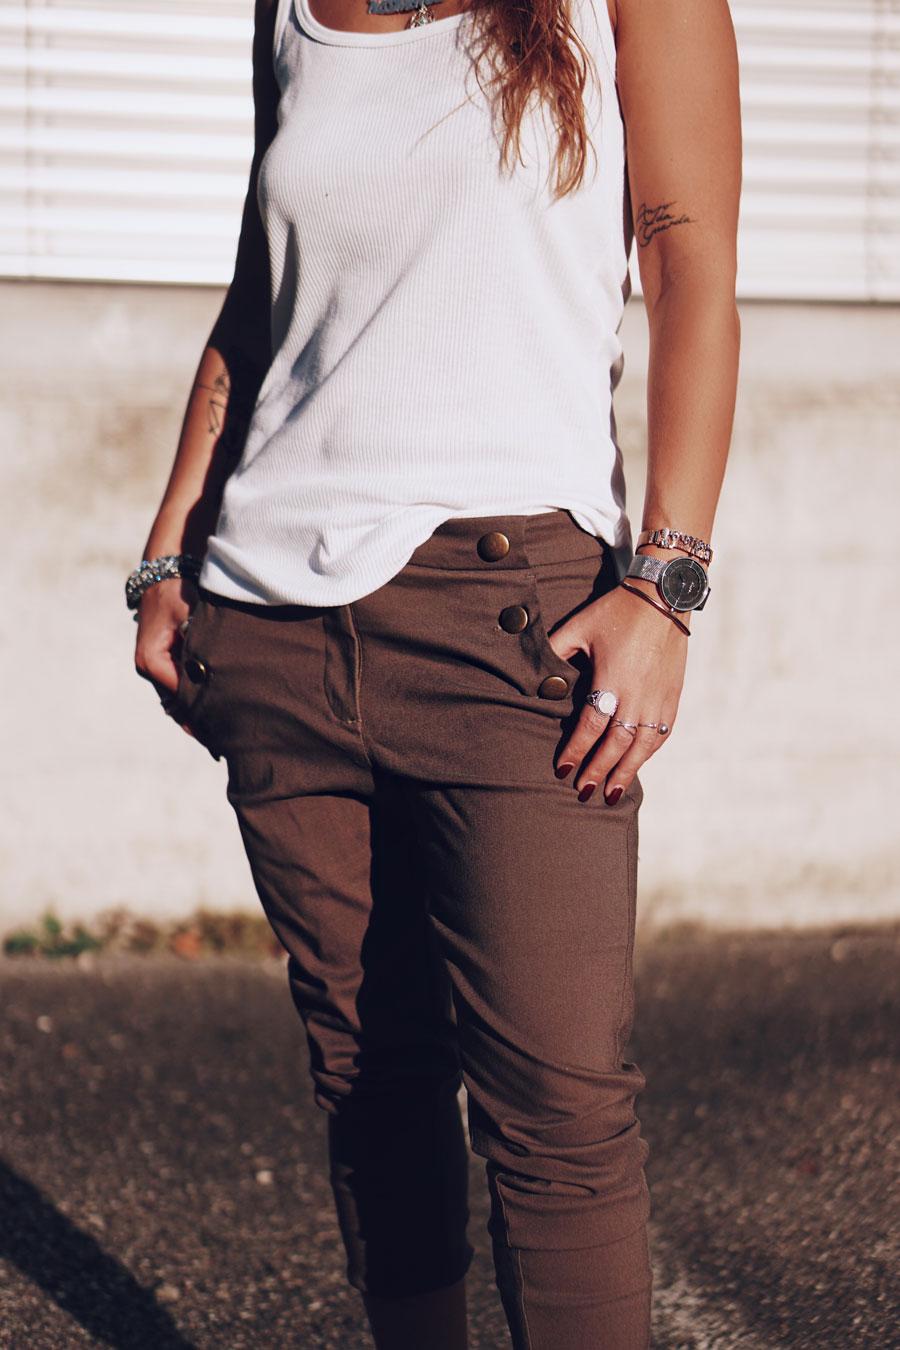 Schleifen Schuhe - Fashion Blog Nissi Mendes